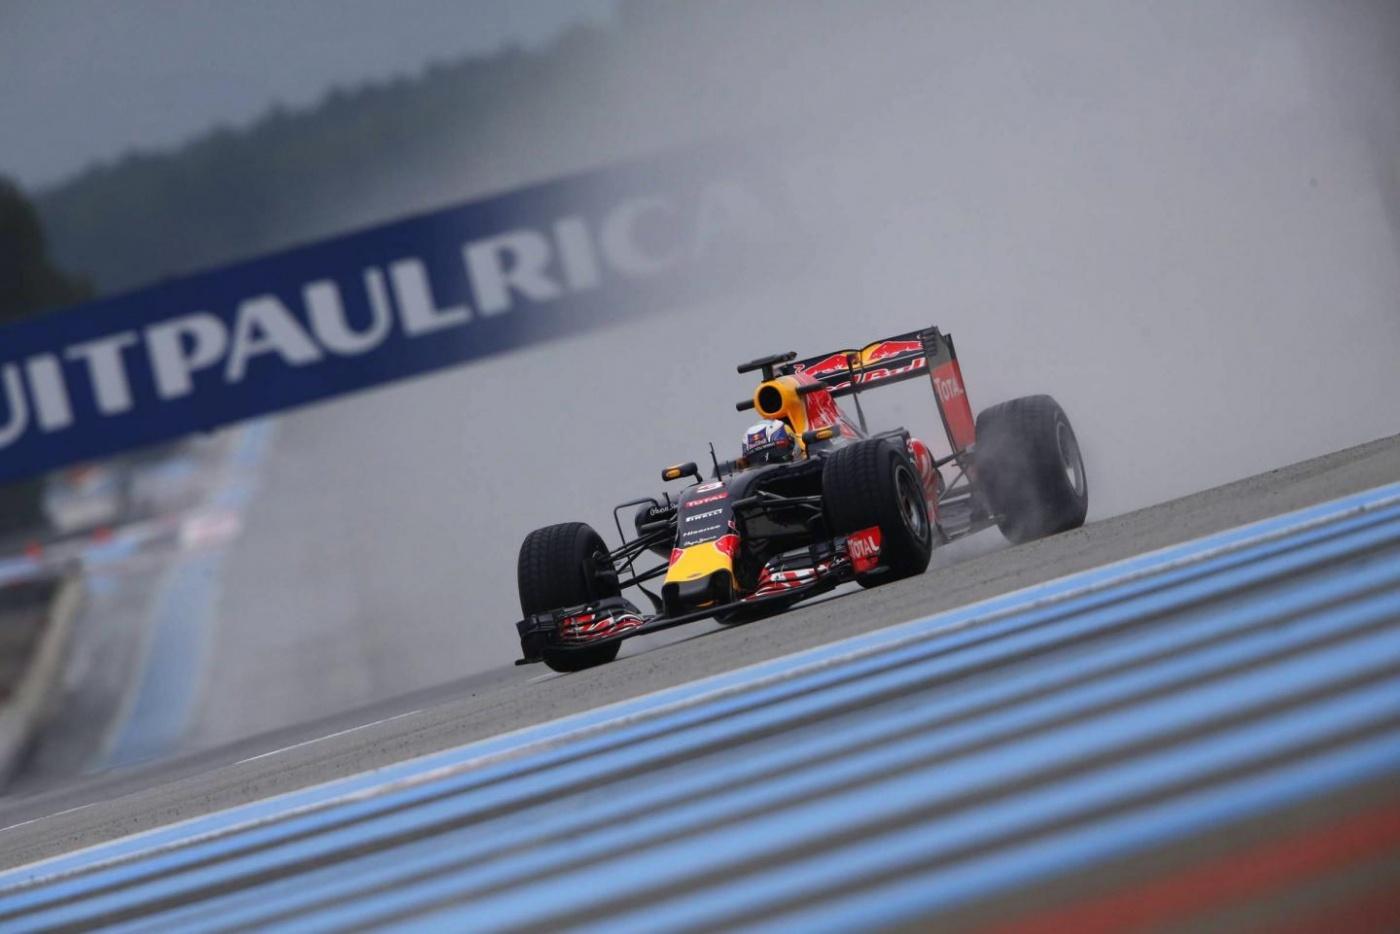 L'annonce officielle aura lieu le lundi 5 décembre : la France aura à nouveau un Grand Prix de Formule. Cela serait pour 5 ans à partir de 2018, au Castellet. Plus d'infos sur le sujet dans la semaine.